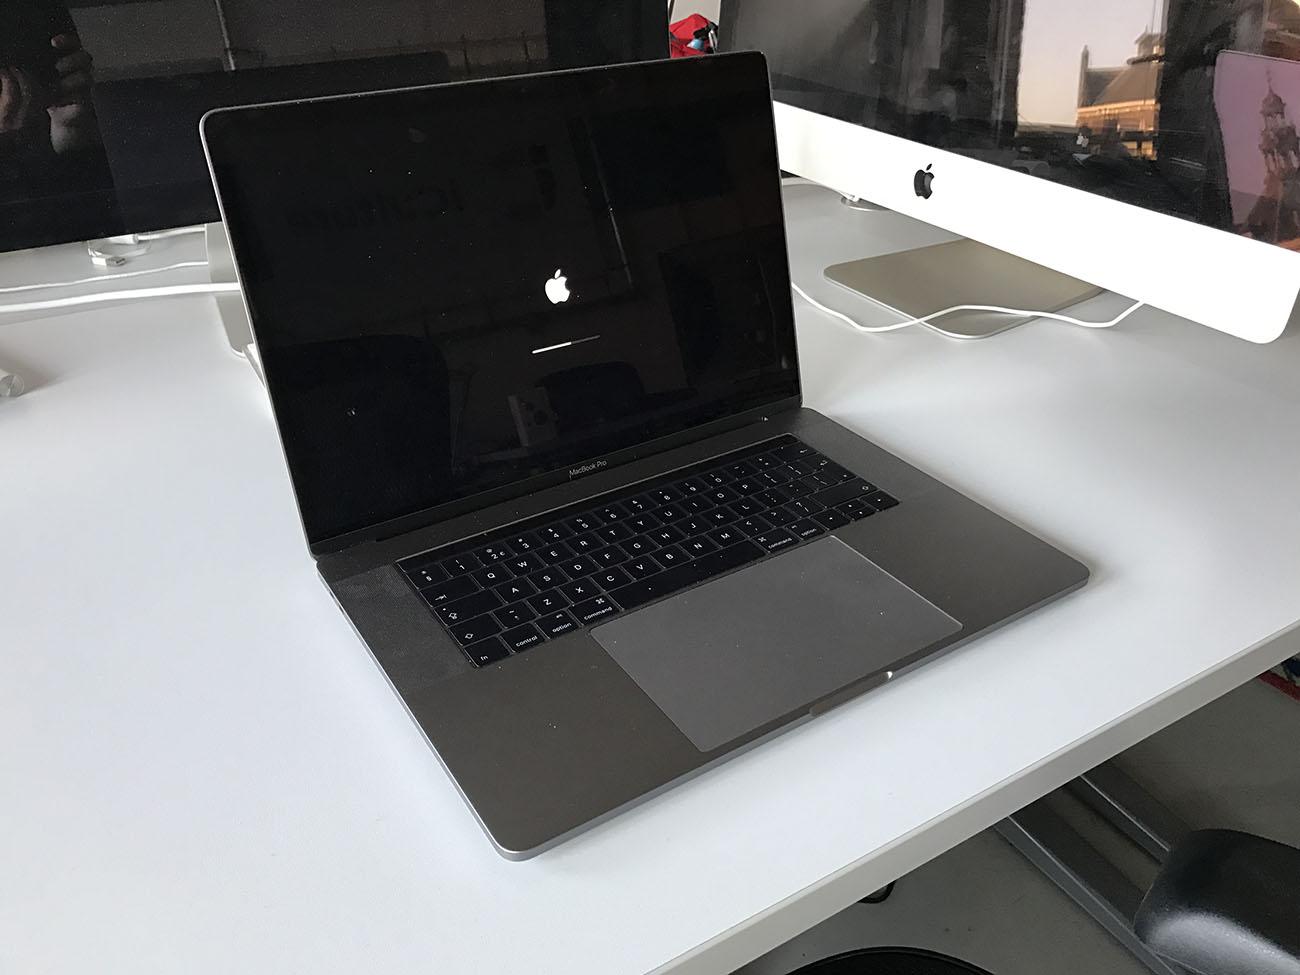 MacBook Pro 2016 review: opstarten van de MacBook